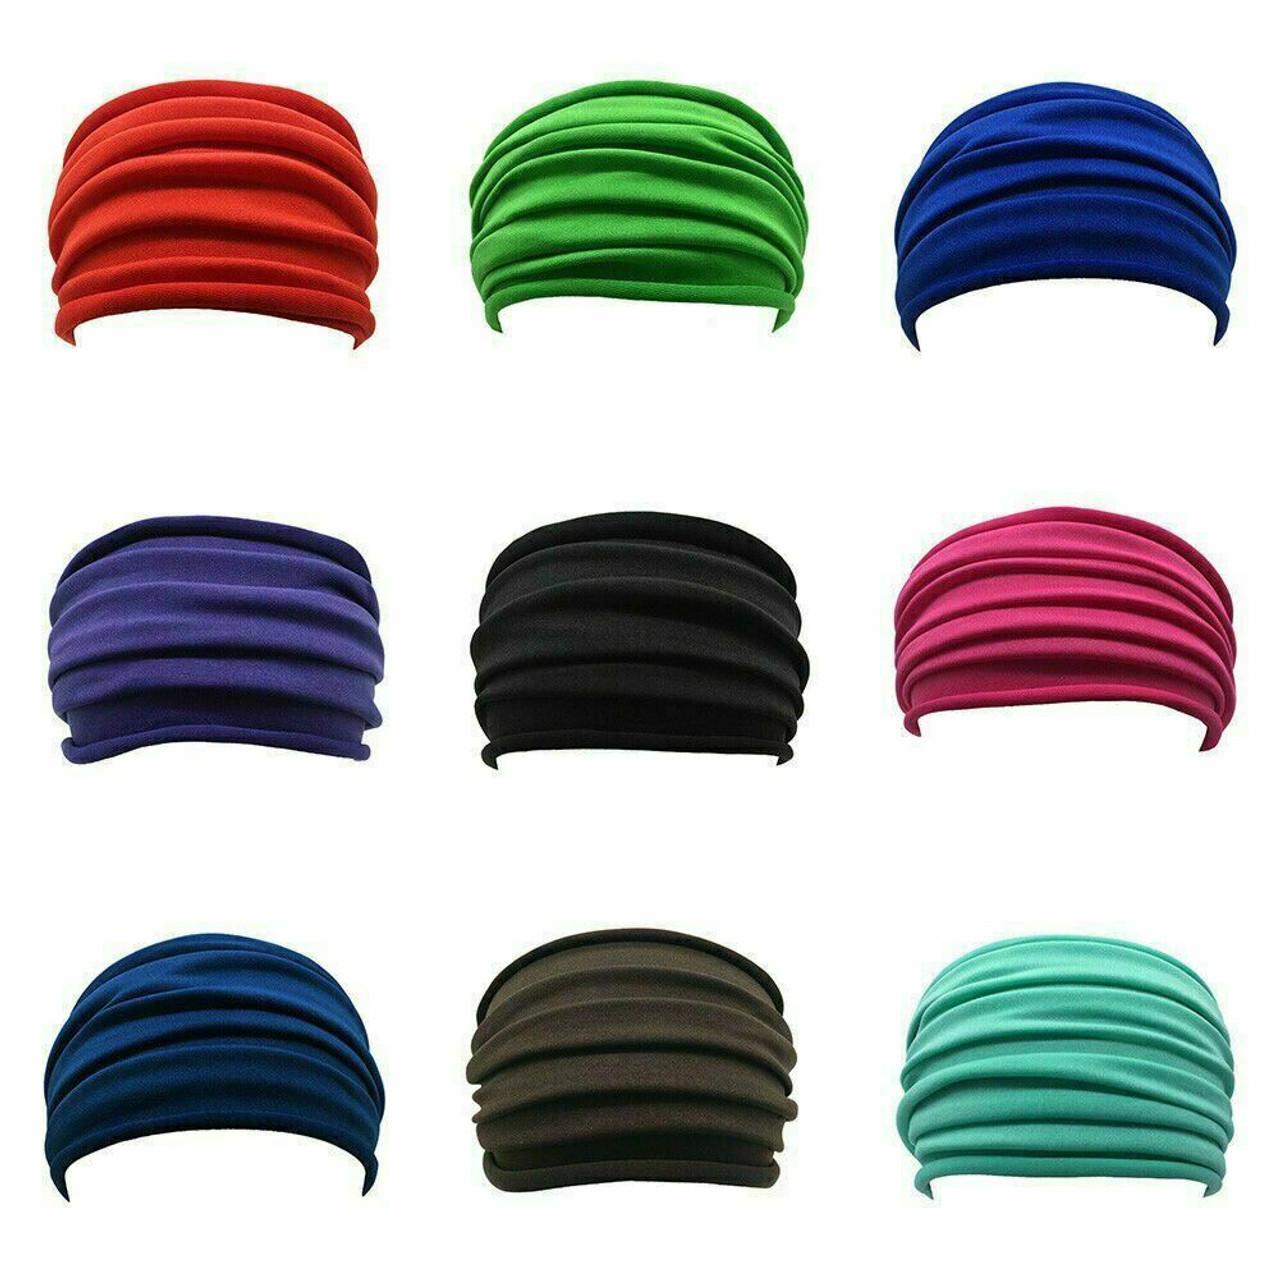 Elastic Stretch Wide Headband Hairband Running Yoga Turban Women Soft Head Wrap